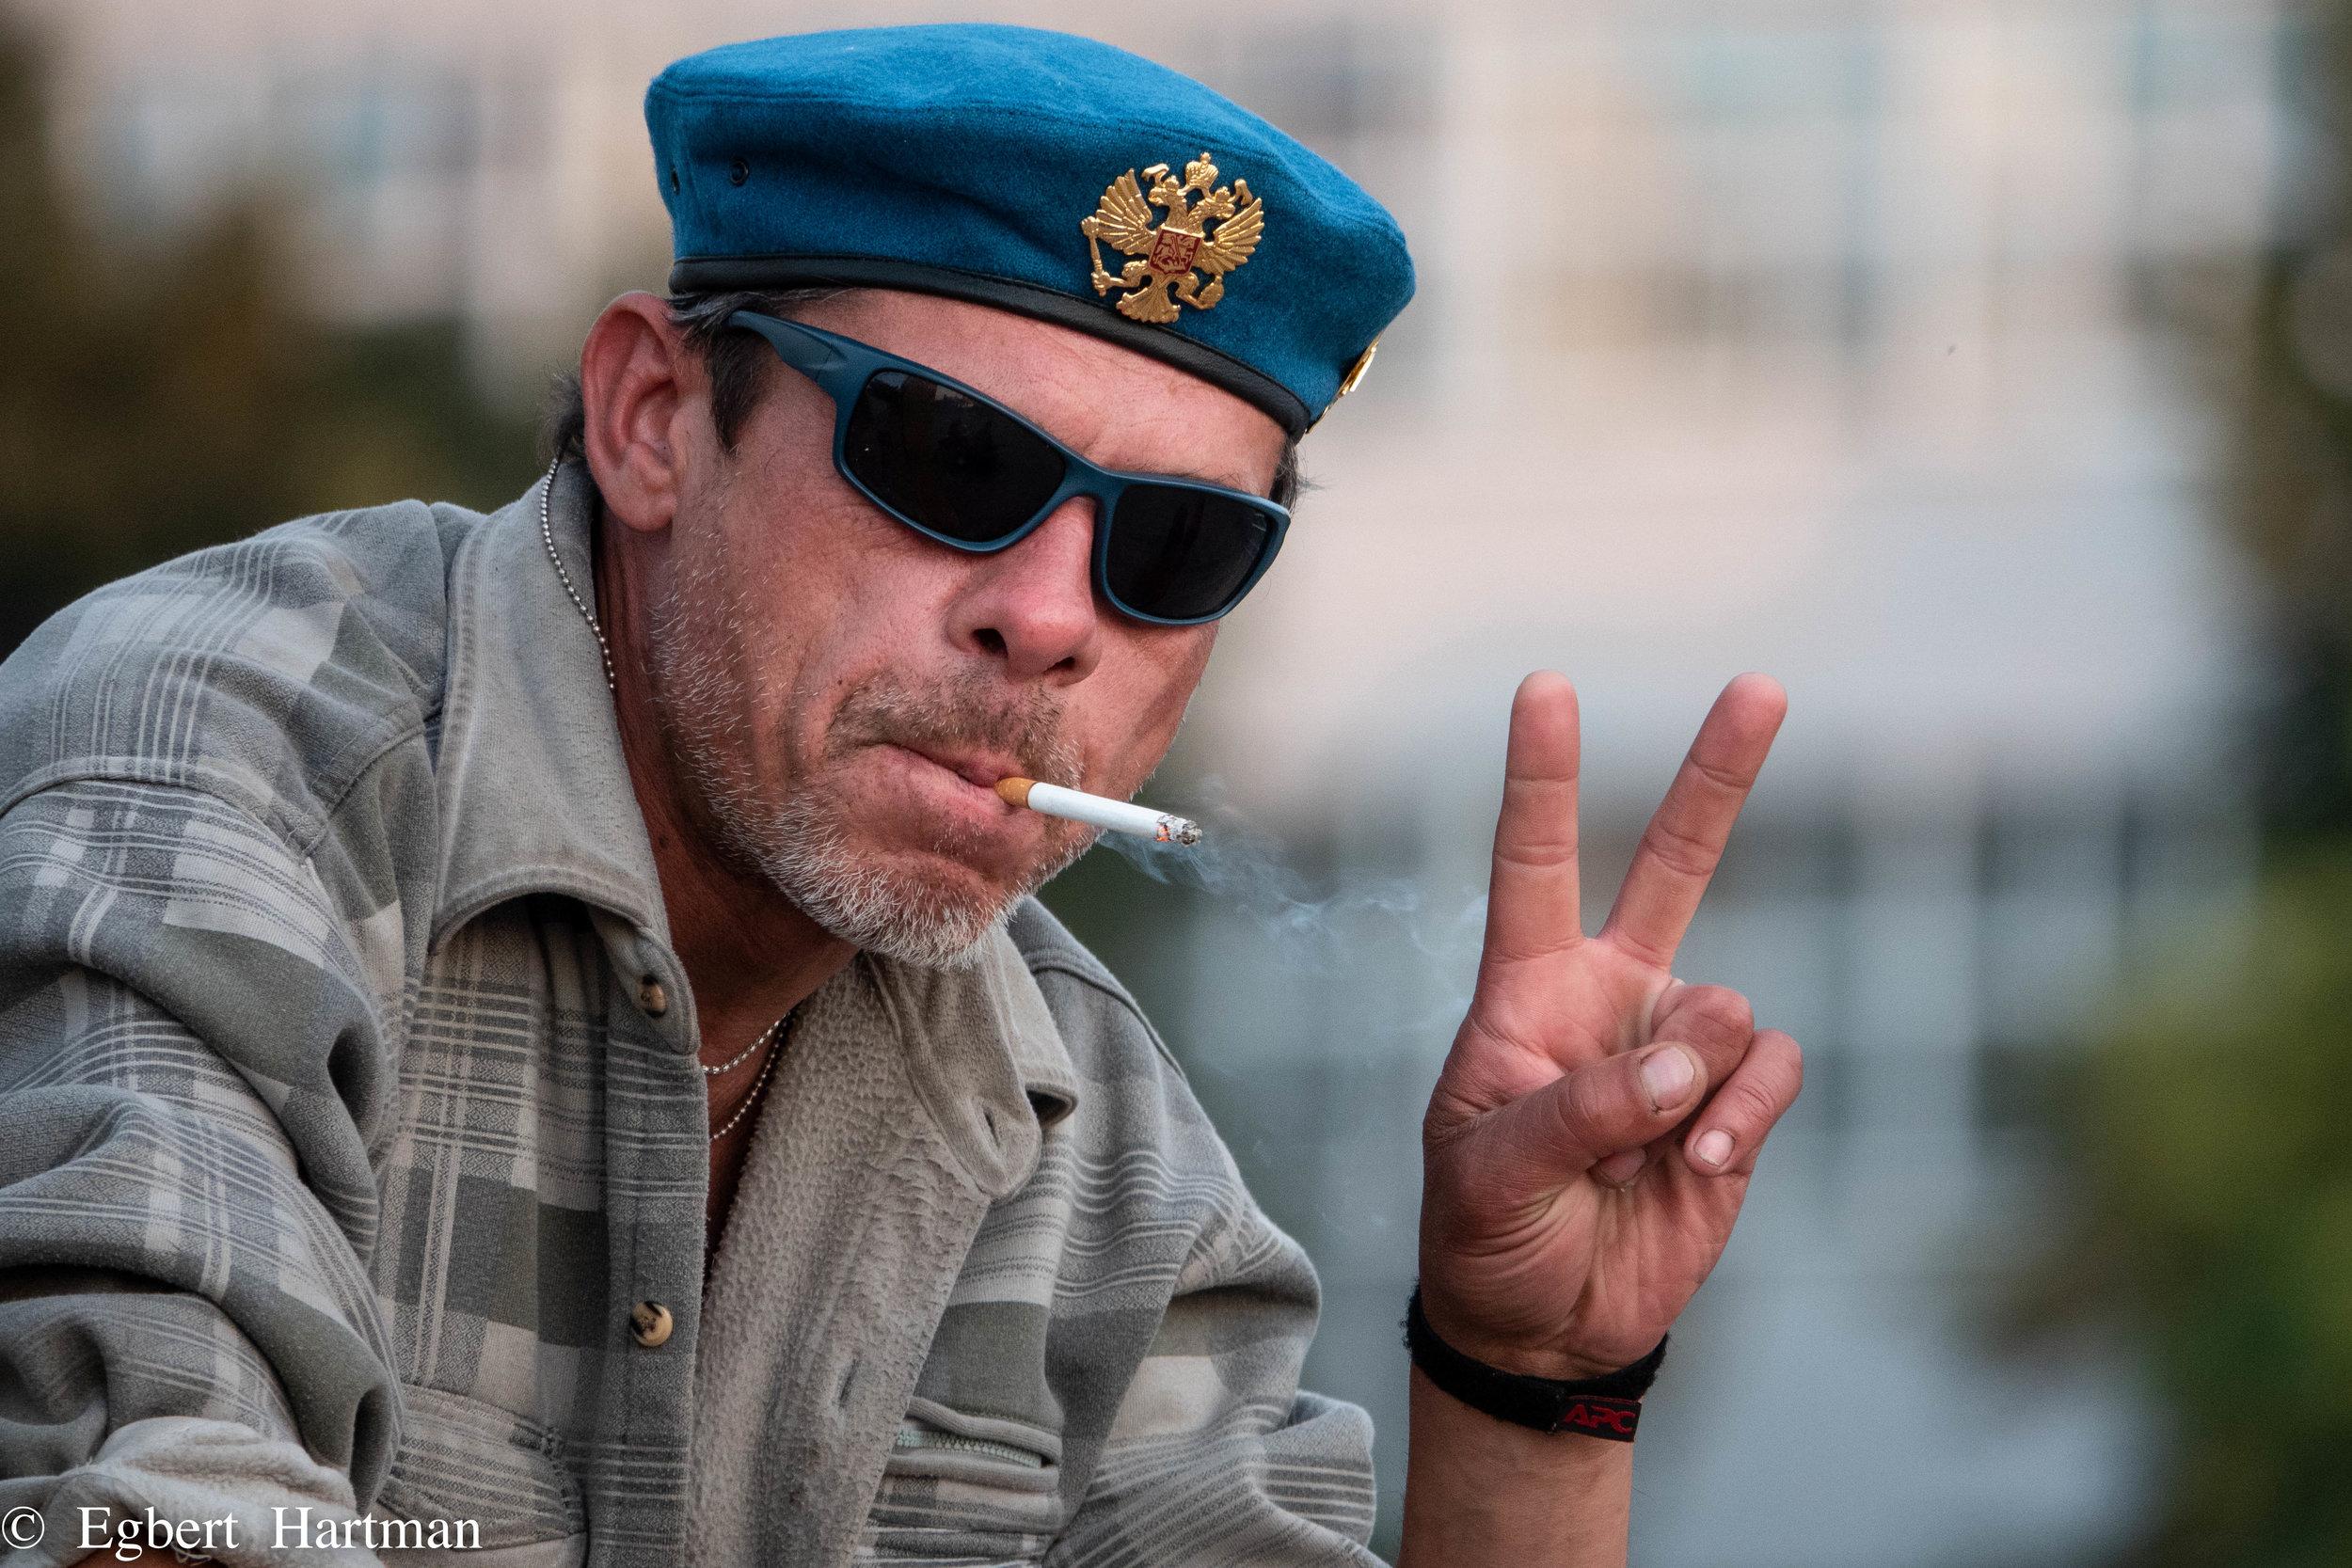 Jekaterinburg (Deze Vrolijke Frans komt in onderstaand stukje niet voor. Ik had helaas geen foto voorradig van de hoofdpersoon - wel een filmpje.)